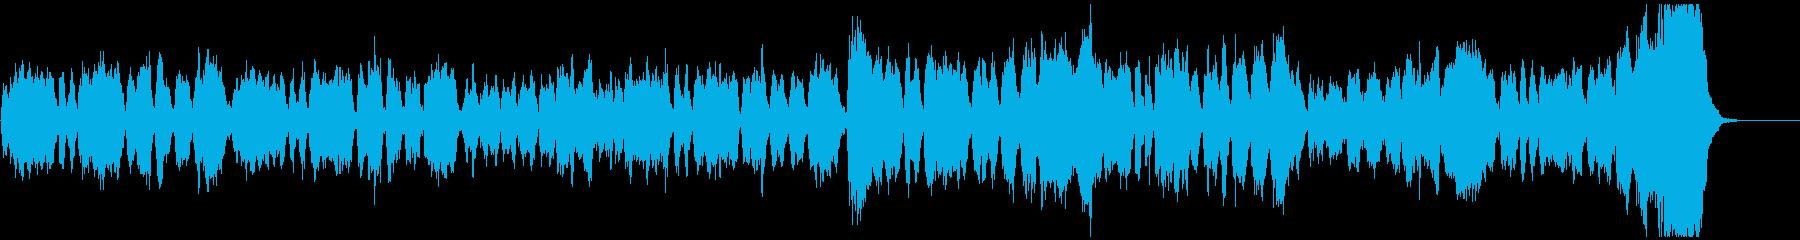 凱旋行進曲(サッカーで有名なあの曲)の再生済みの波形